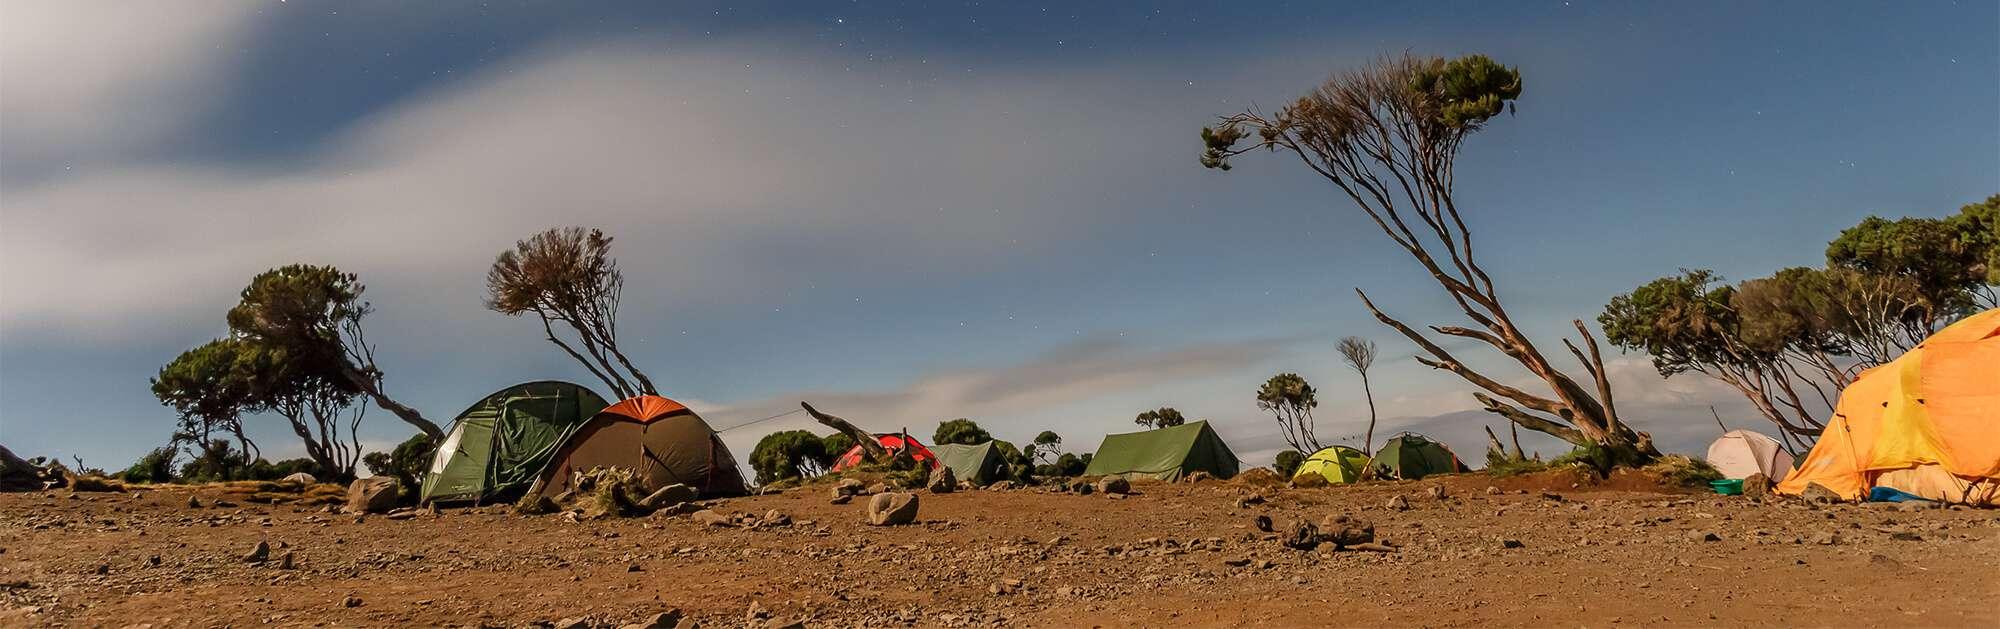 Kilimanjaro_camps